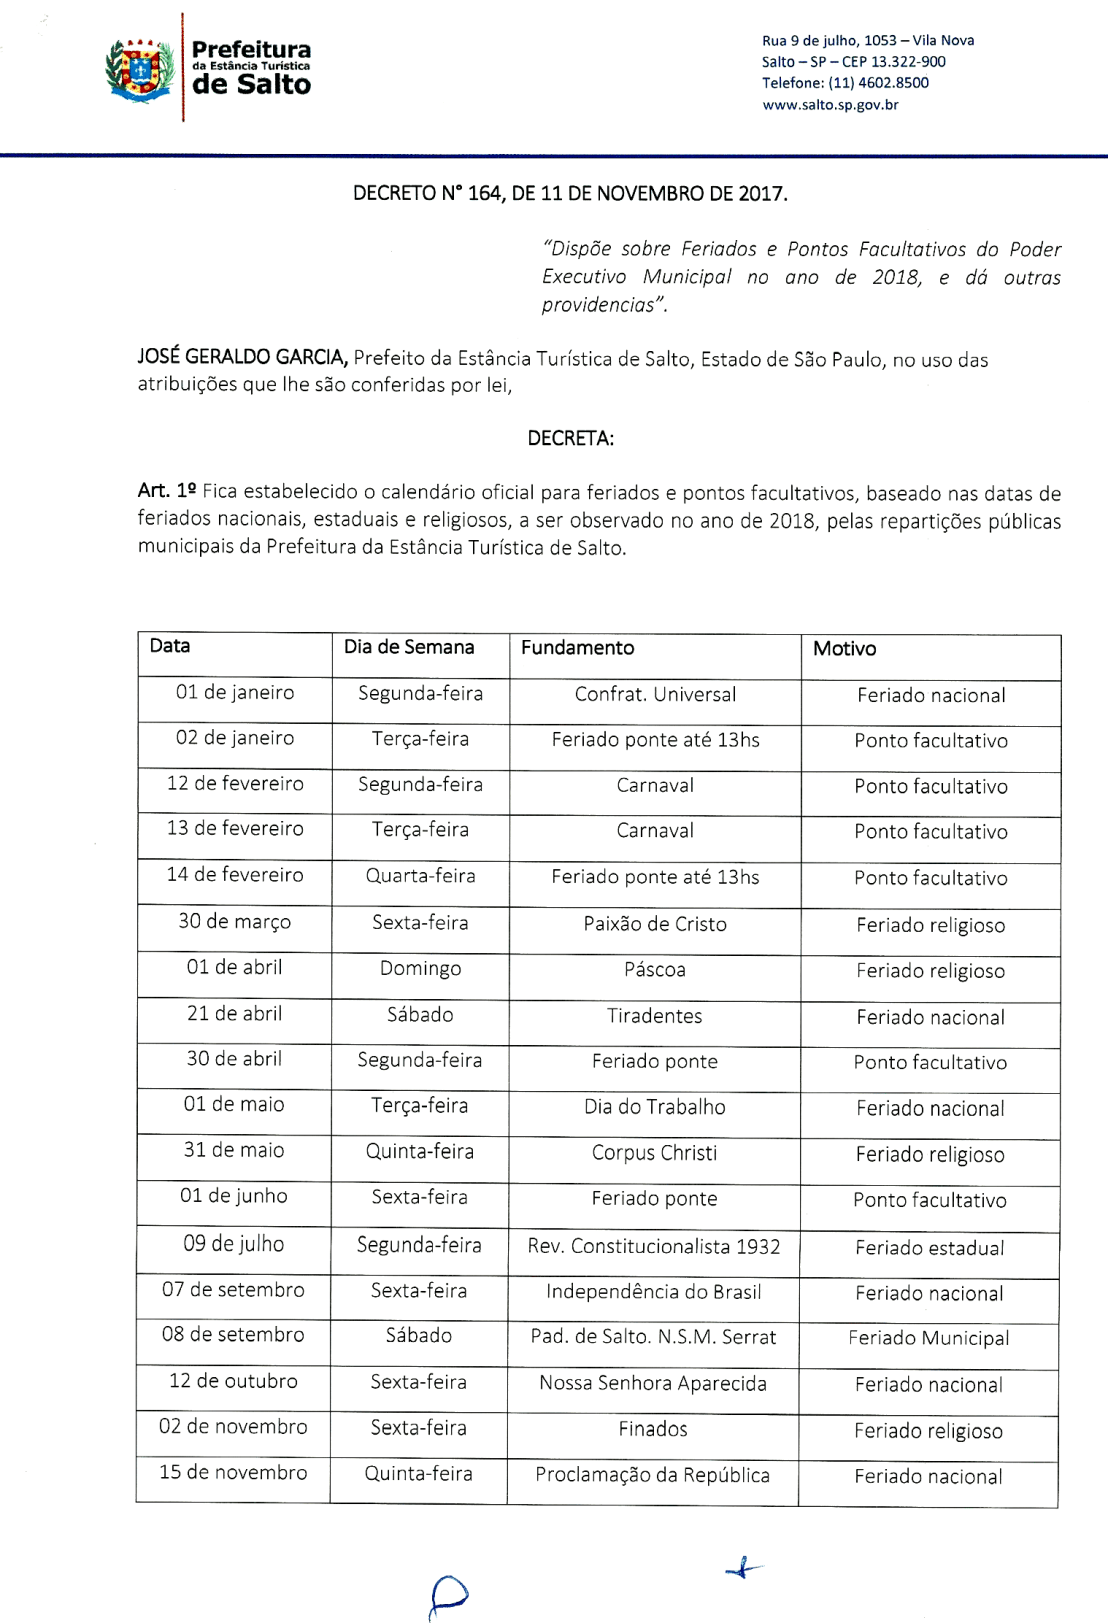 decreto_164_2017_dispoe_feriados_pontos_facultativos_poder_executivo_municipal_ano_2018-1